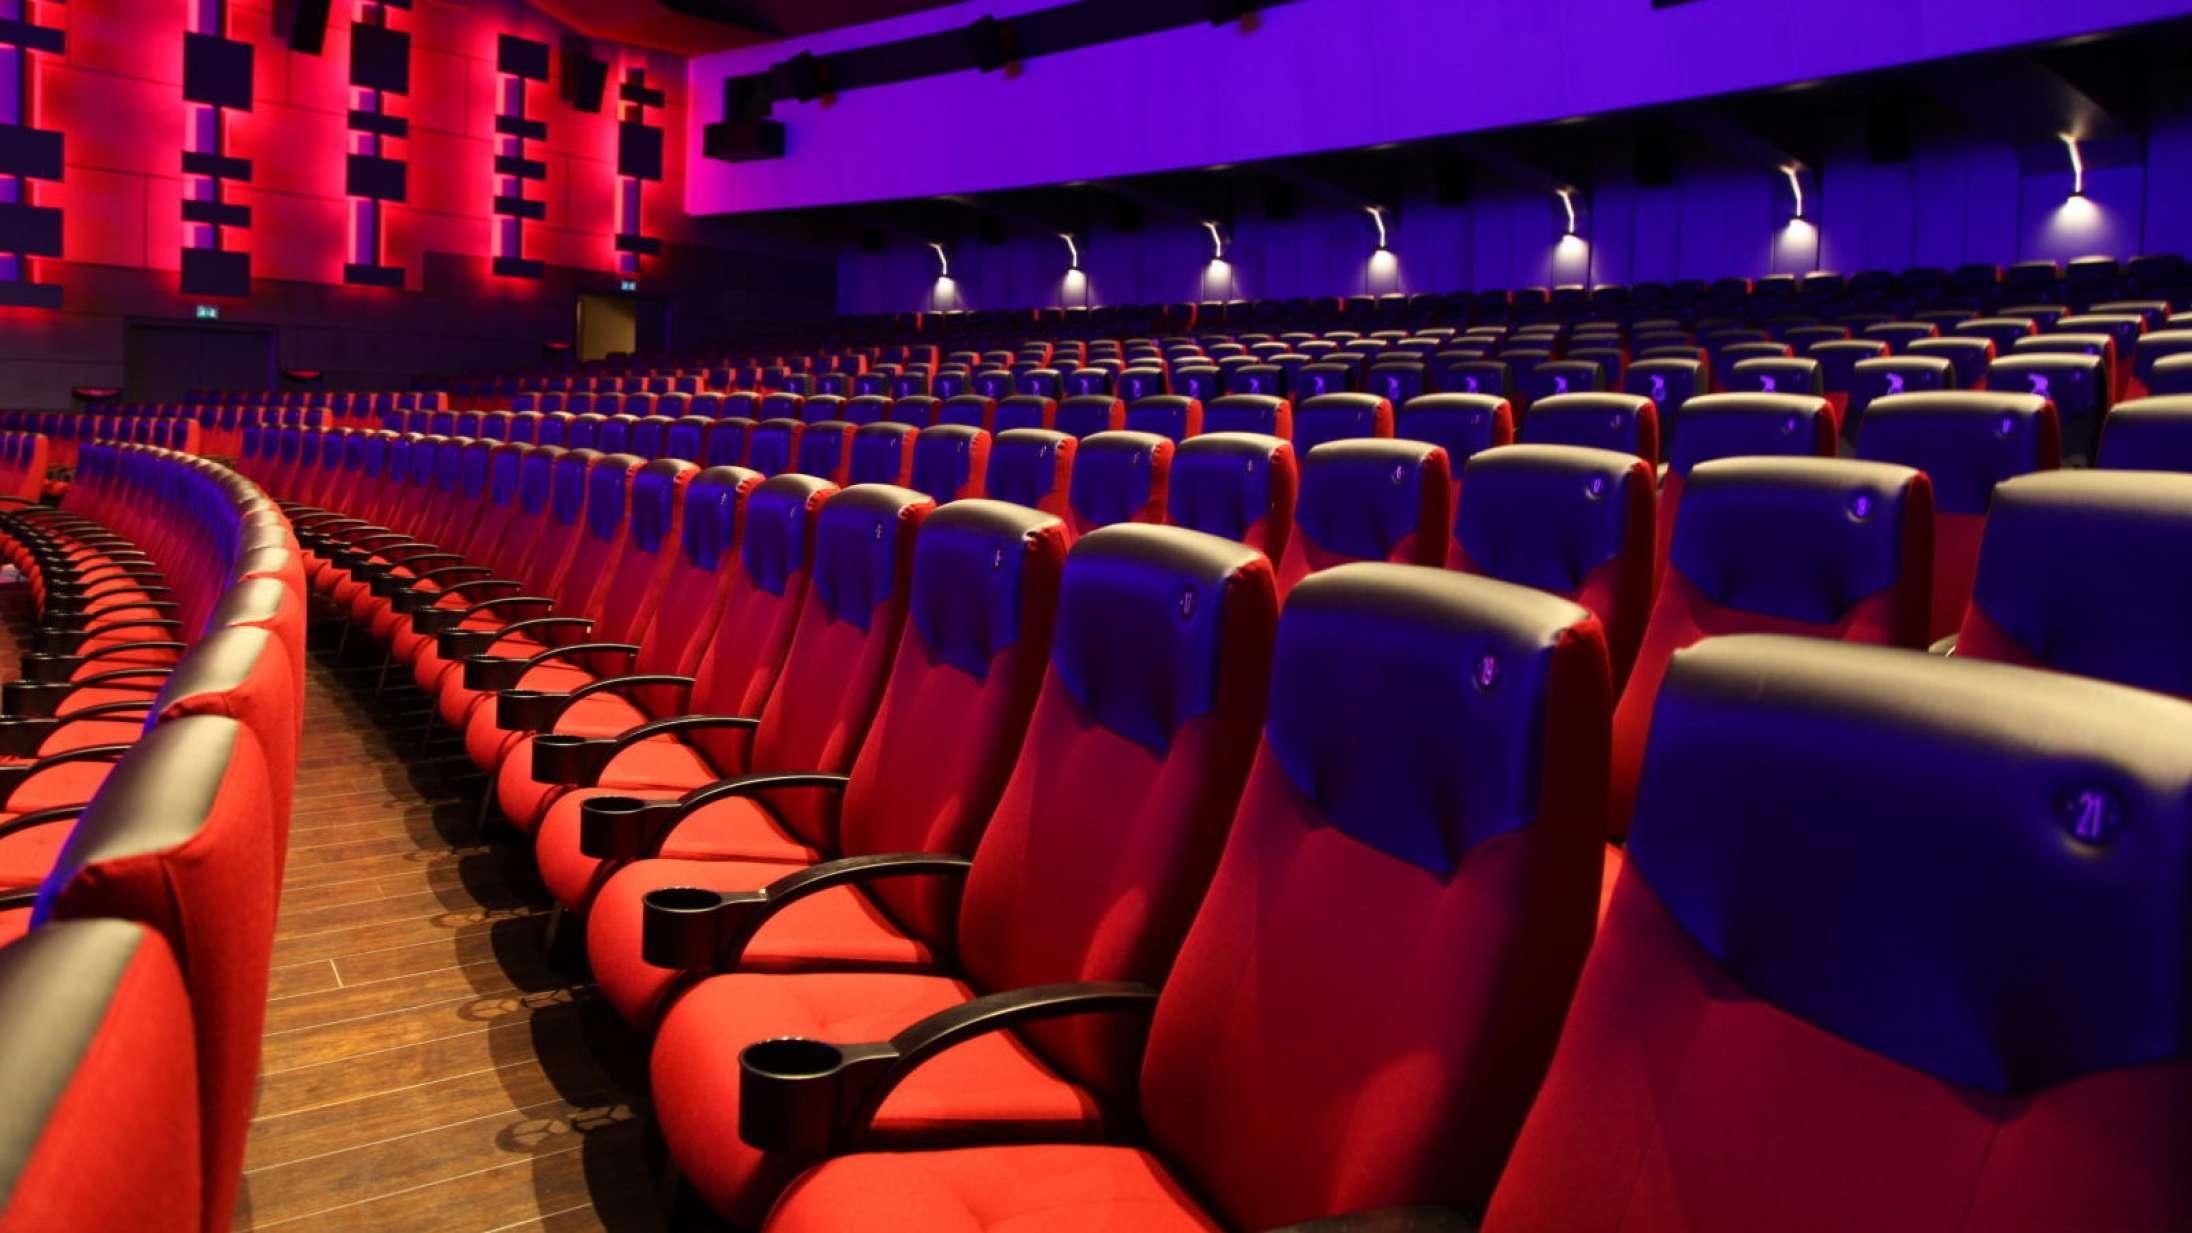 Alle danske biografer lukker – går hårdt ud over flere film